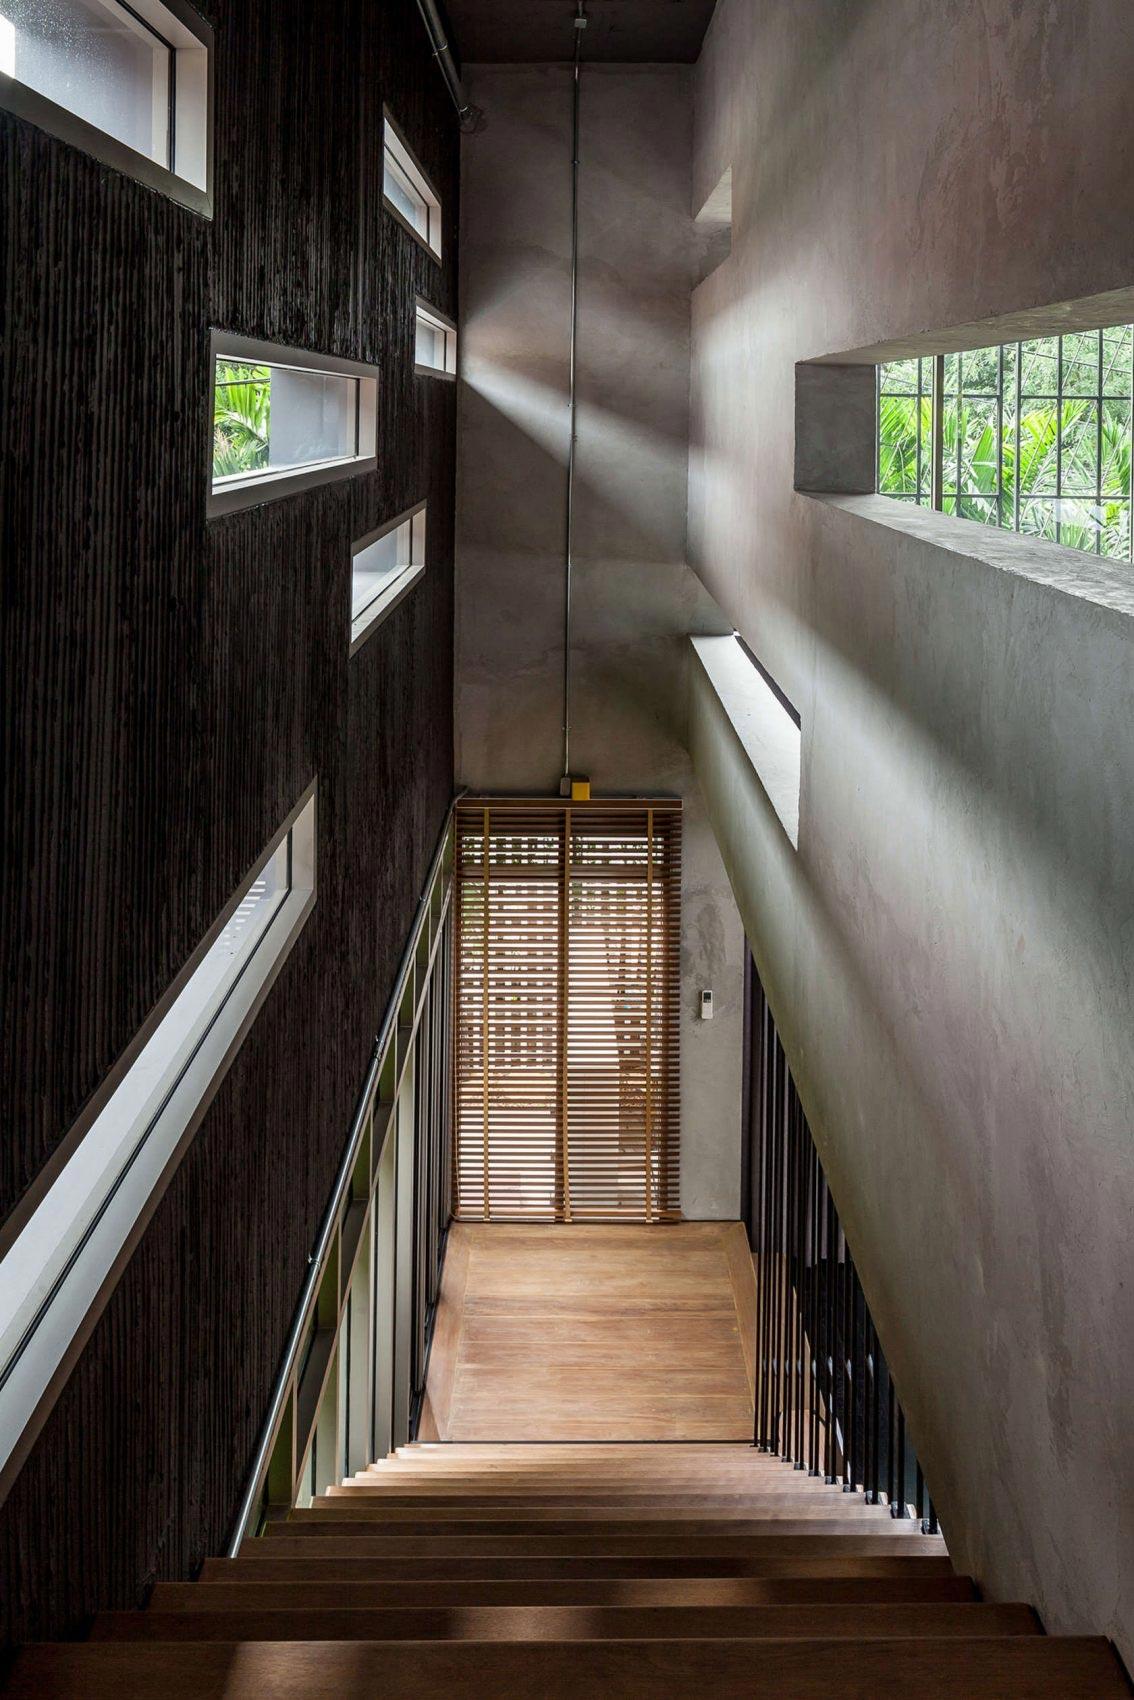 Stylisches Doppelhaus zweier Brüder sytlisches-doppelhaus_02